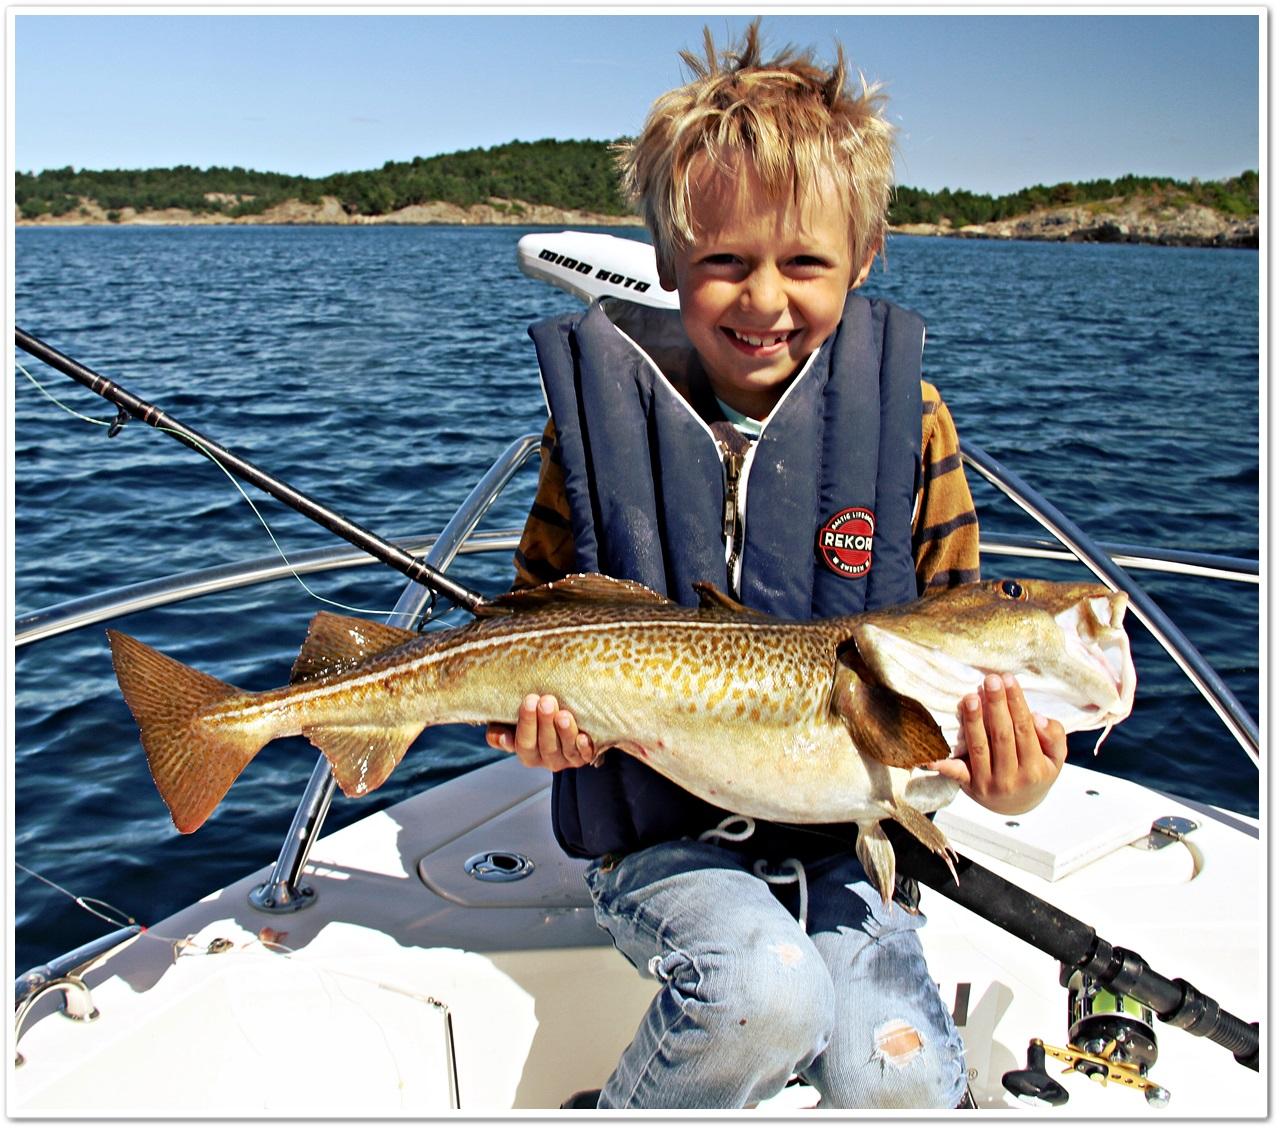 vi bruker el motoren på nesten alt av fiske